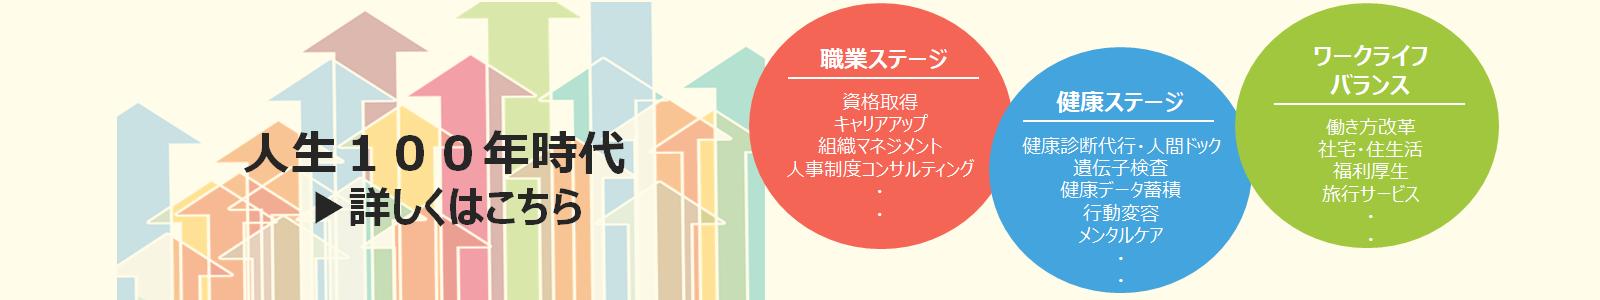 「人生100年時代」を新たにテーマとして追加しました!NTTビジネスアソシエでは、人生のライフステージで発生する様々なライフイベントに関連したソリューションを提供しています。詳しくみる